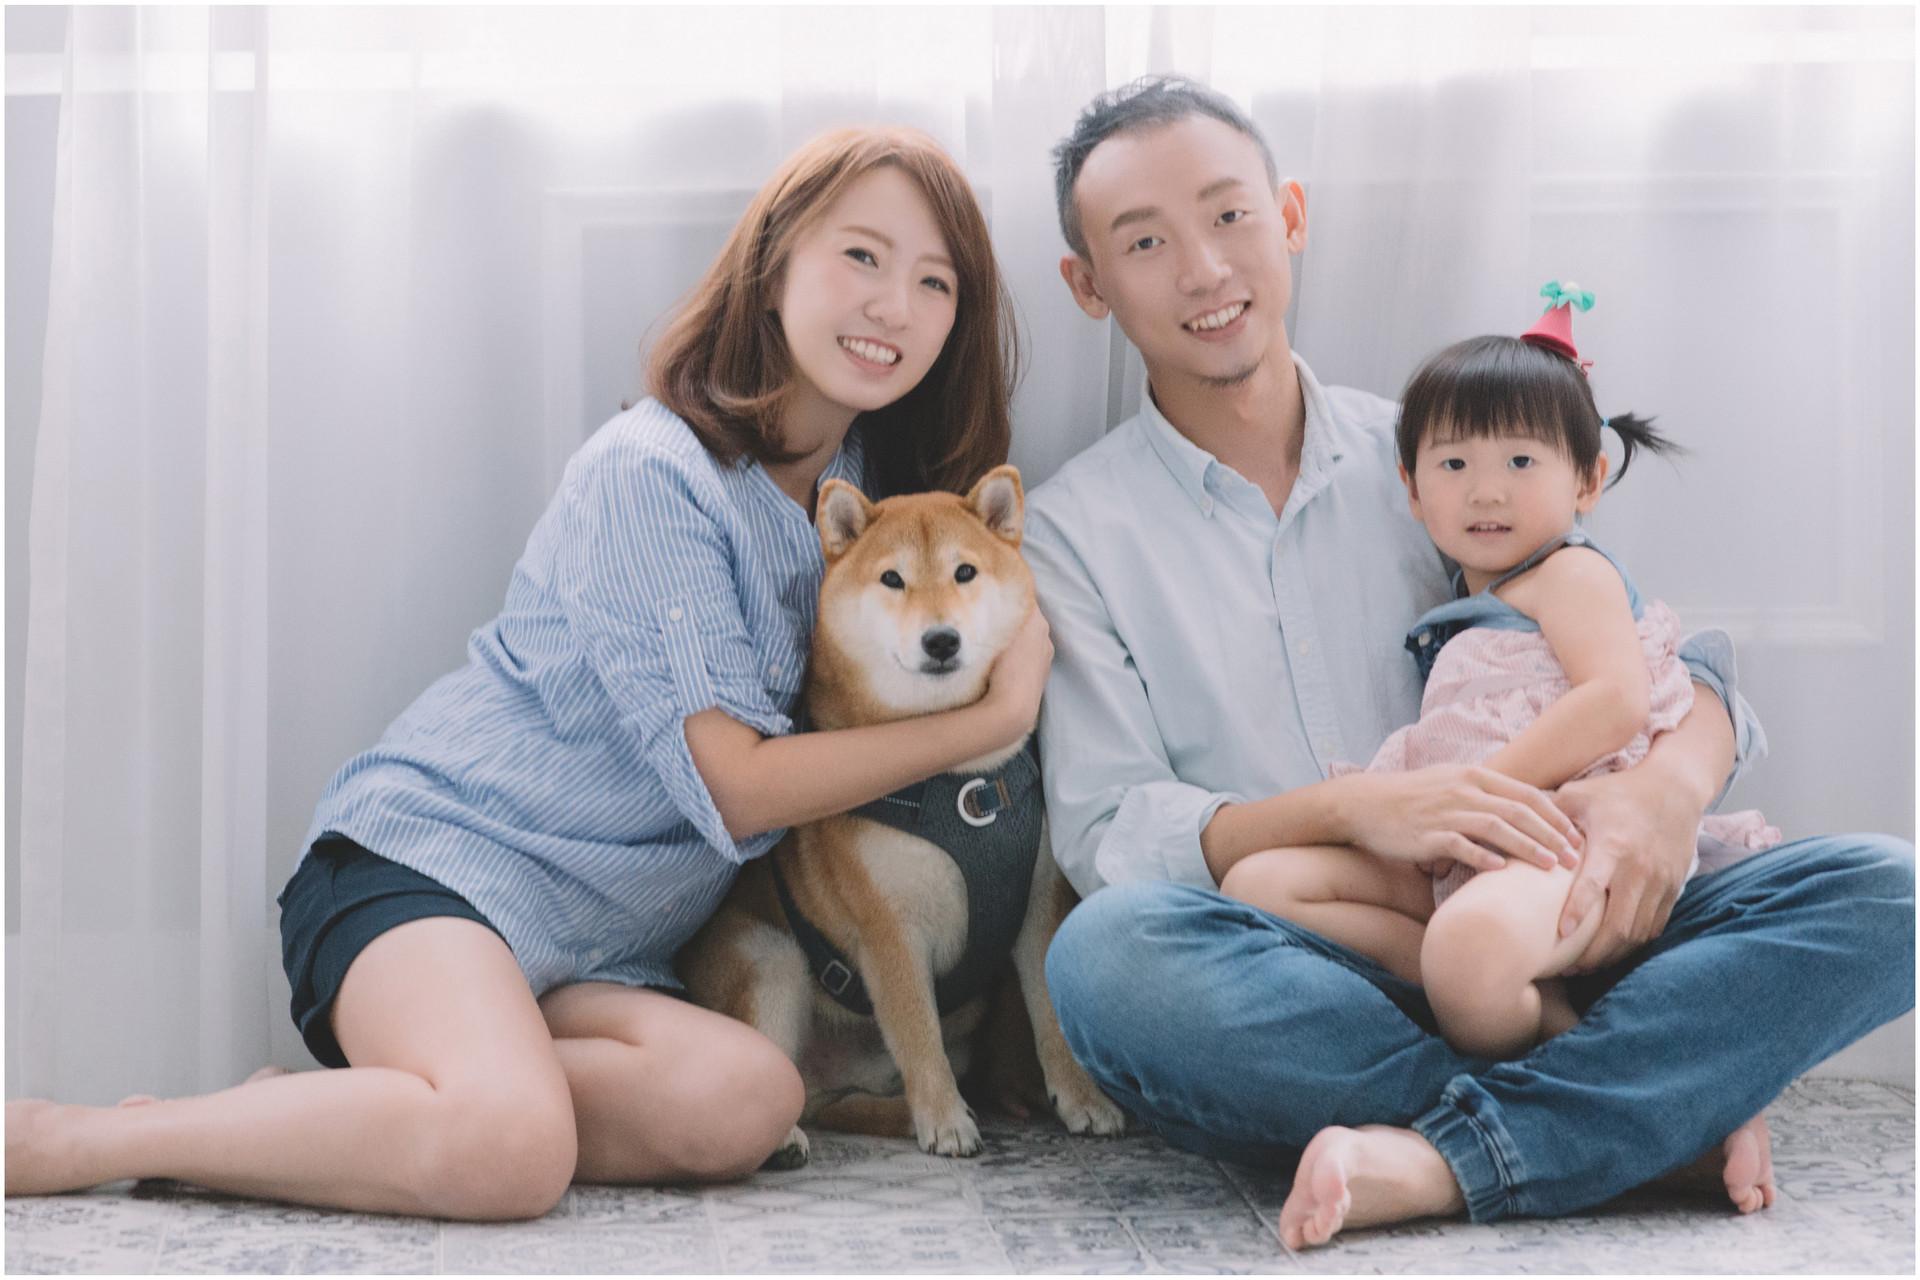 親子寫真  / 寵物寫真 / 親子婚紗 / 全家福 / 素人寫真 / 柴犬 /  新生兒寫真 / 周歲寫真